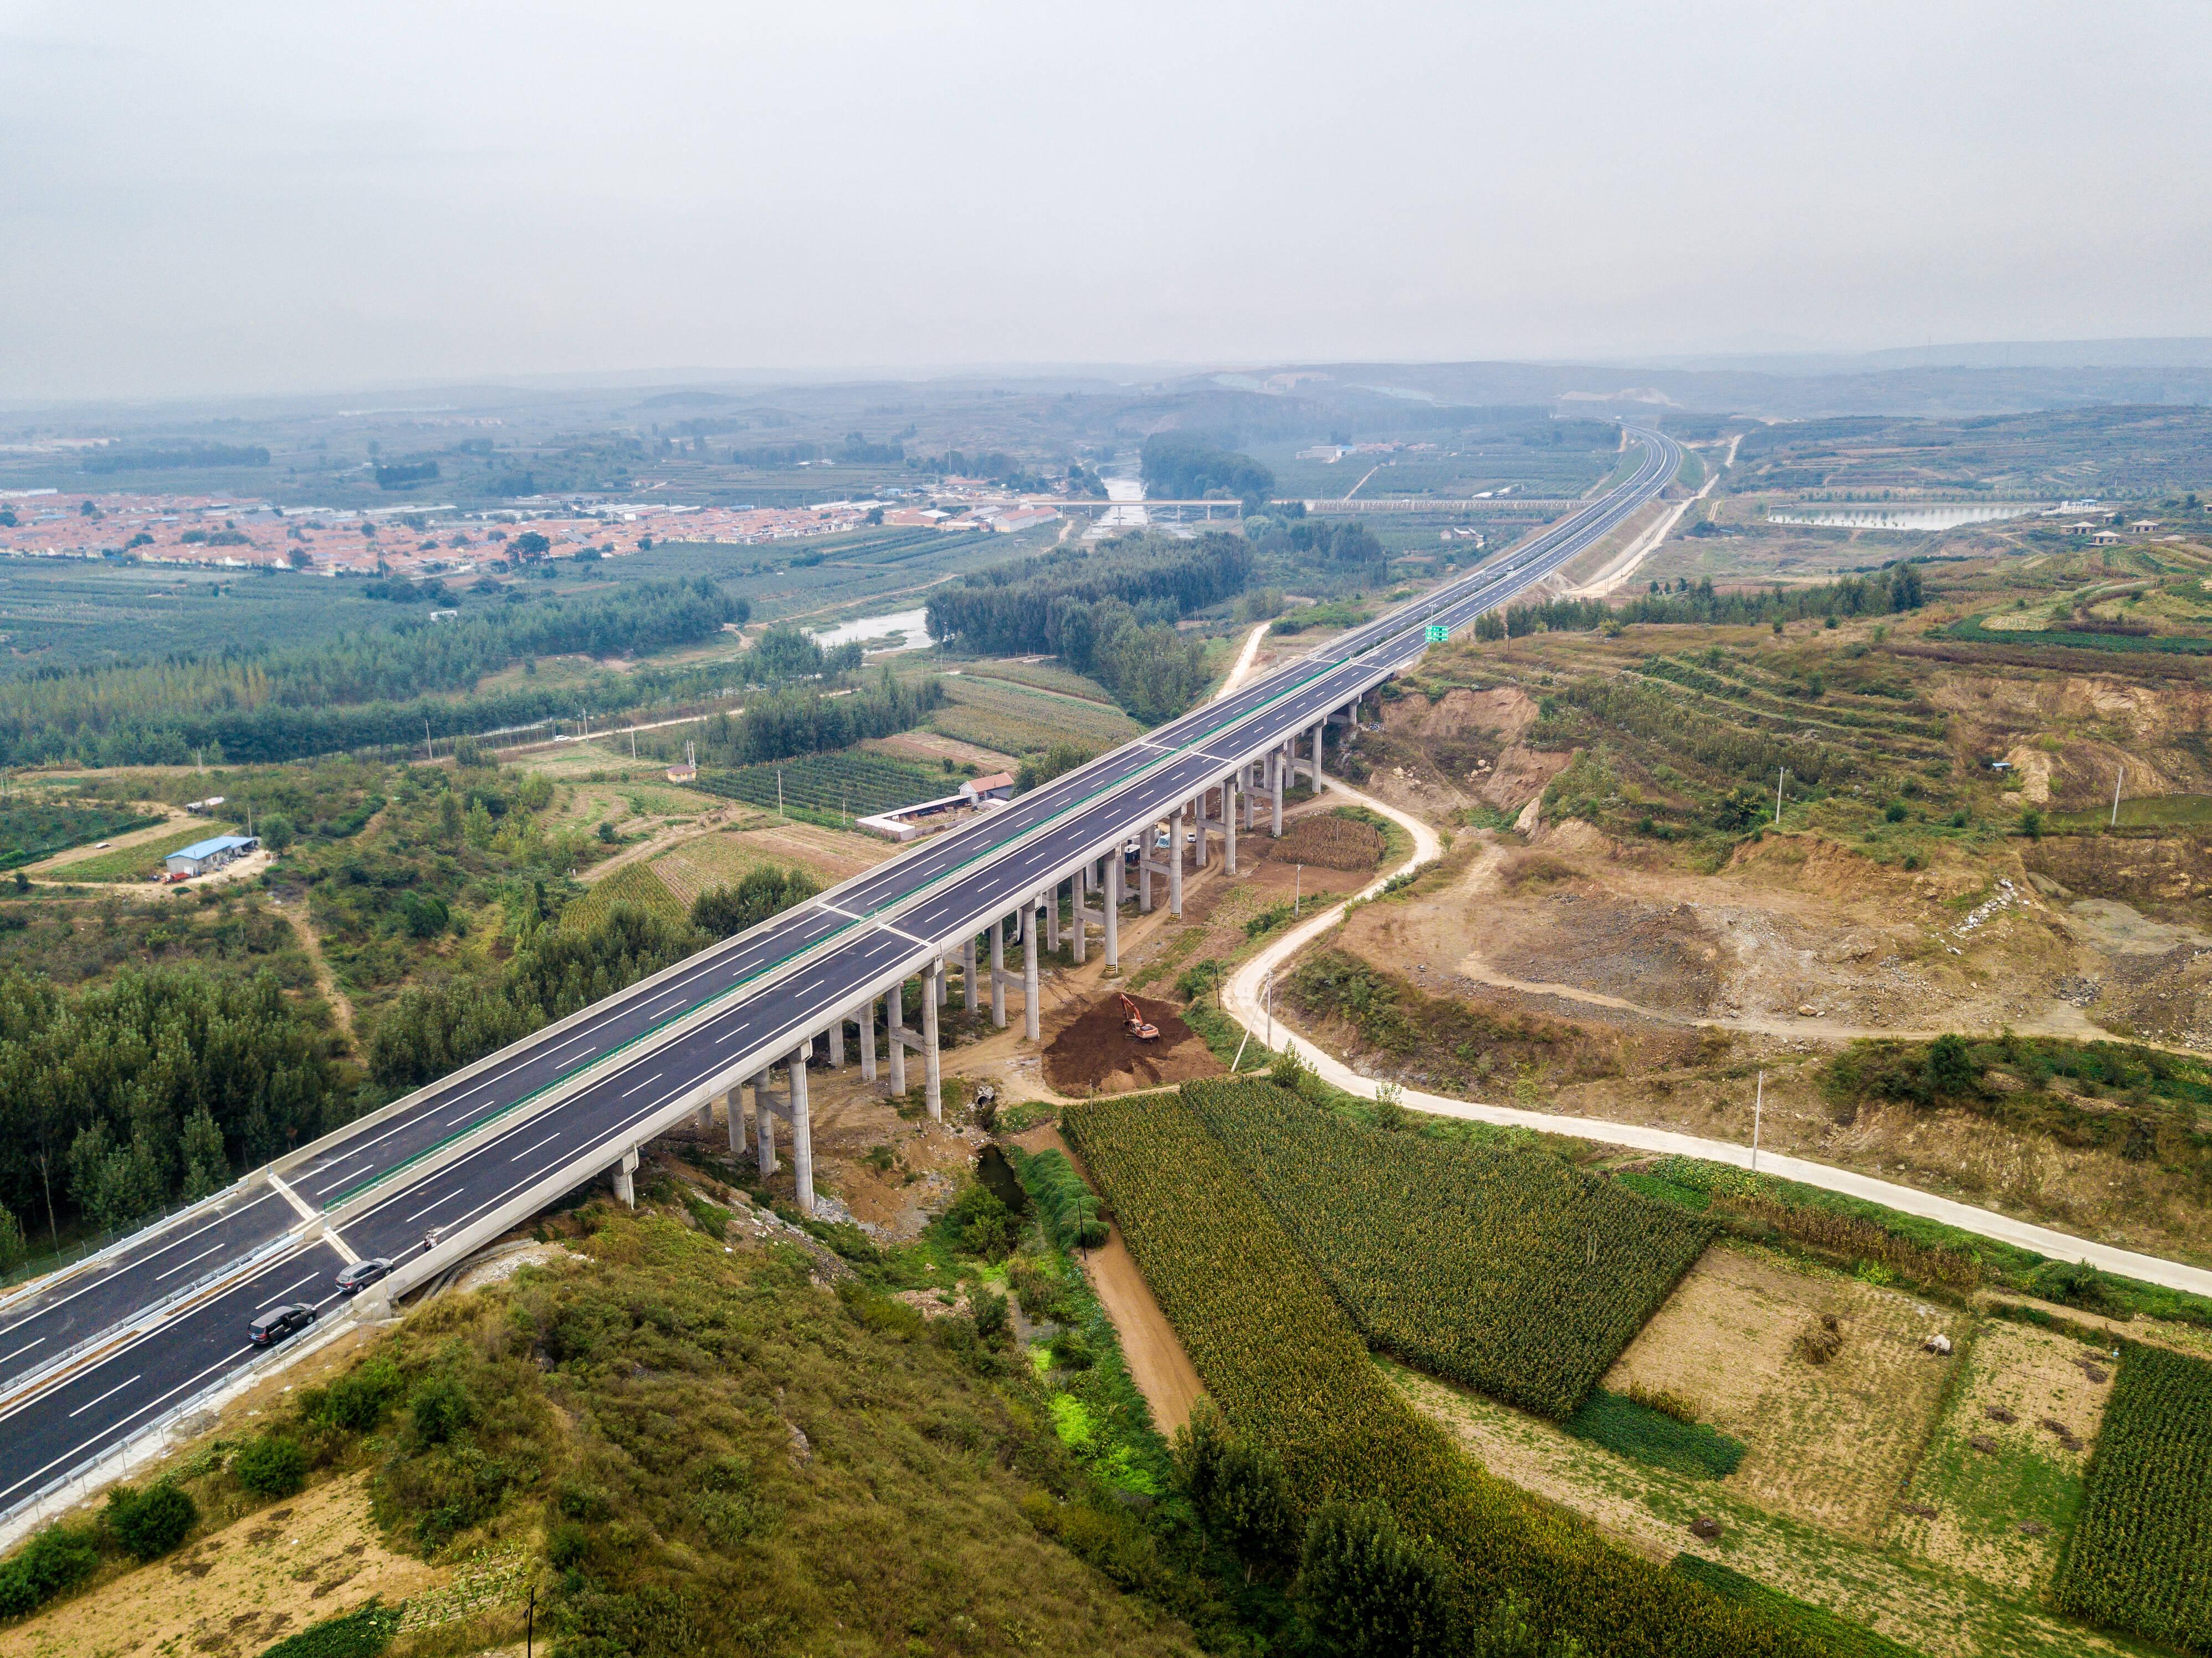 文登至莱阳高速公路提前三个月建成通车 威海至济南行车时间大幅缩短